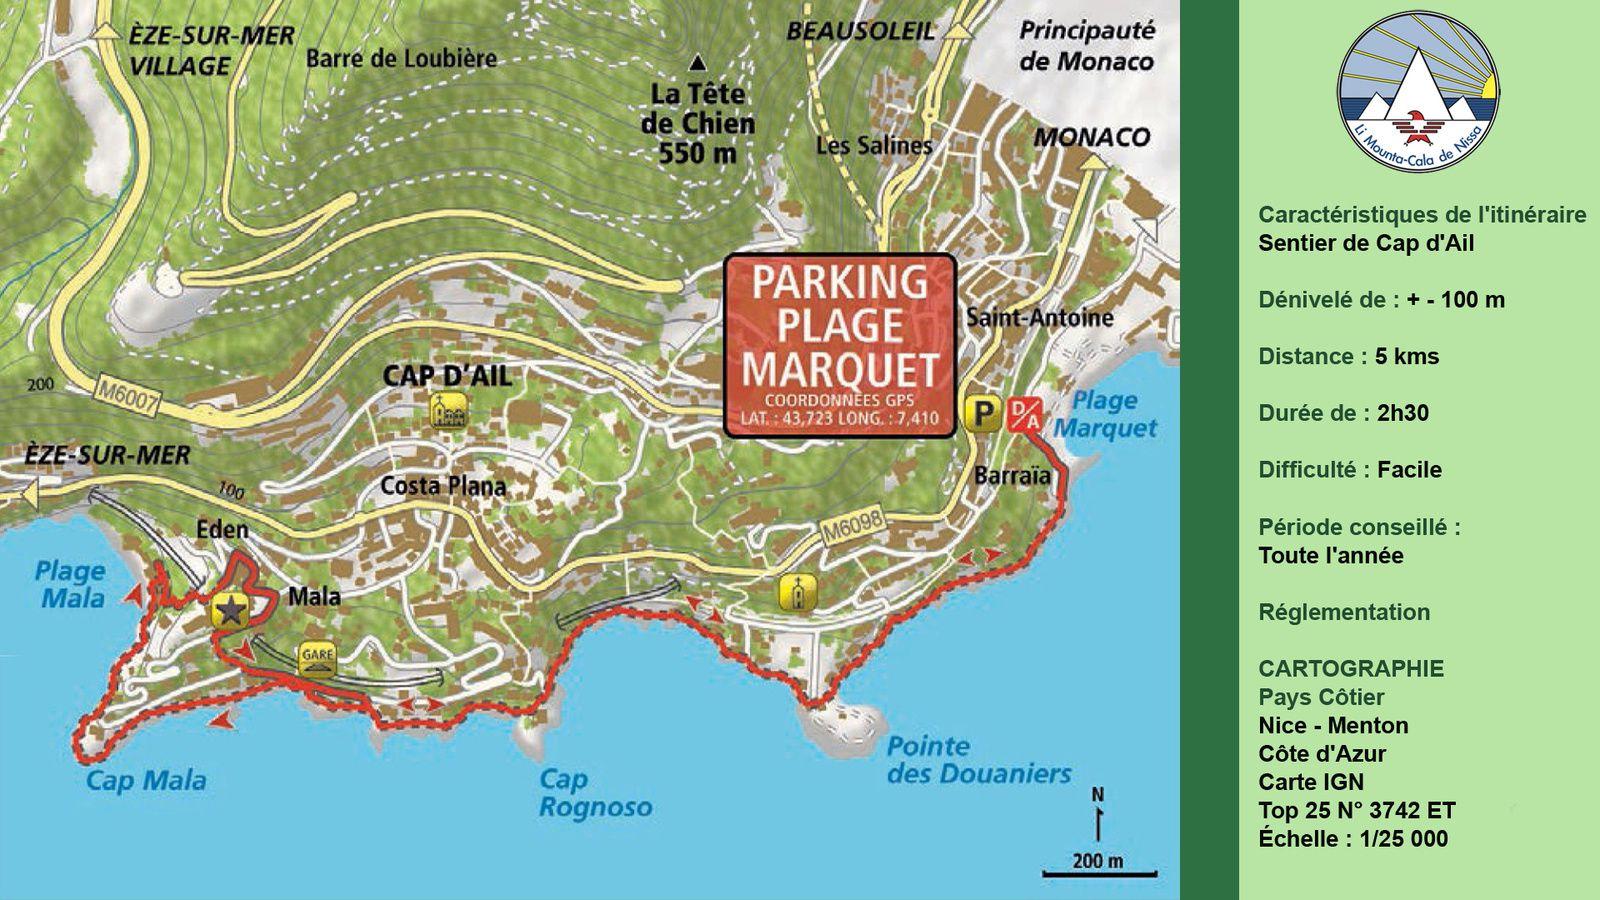 Sentier de Cap d'Ail